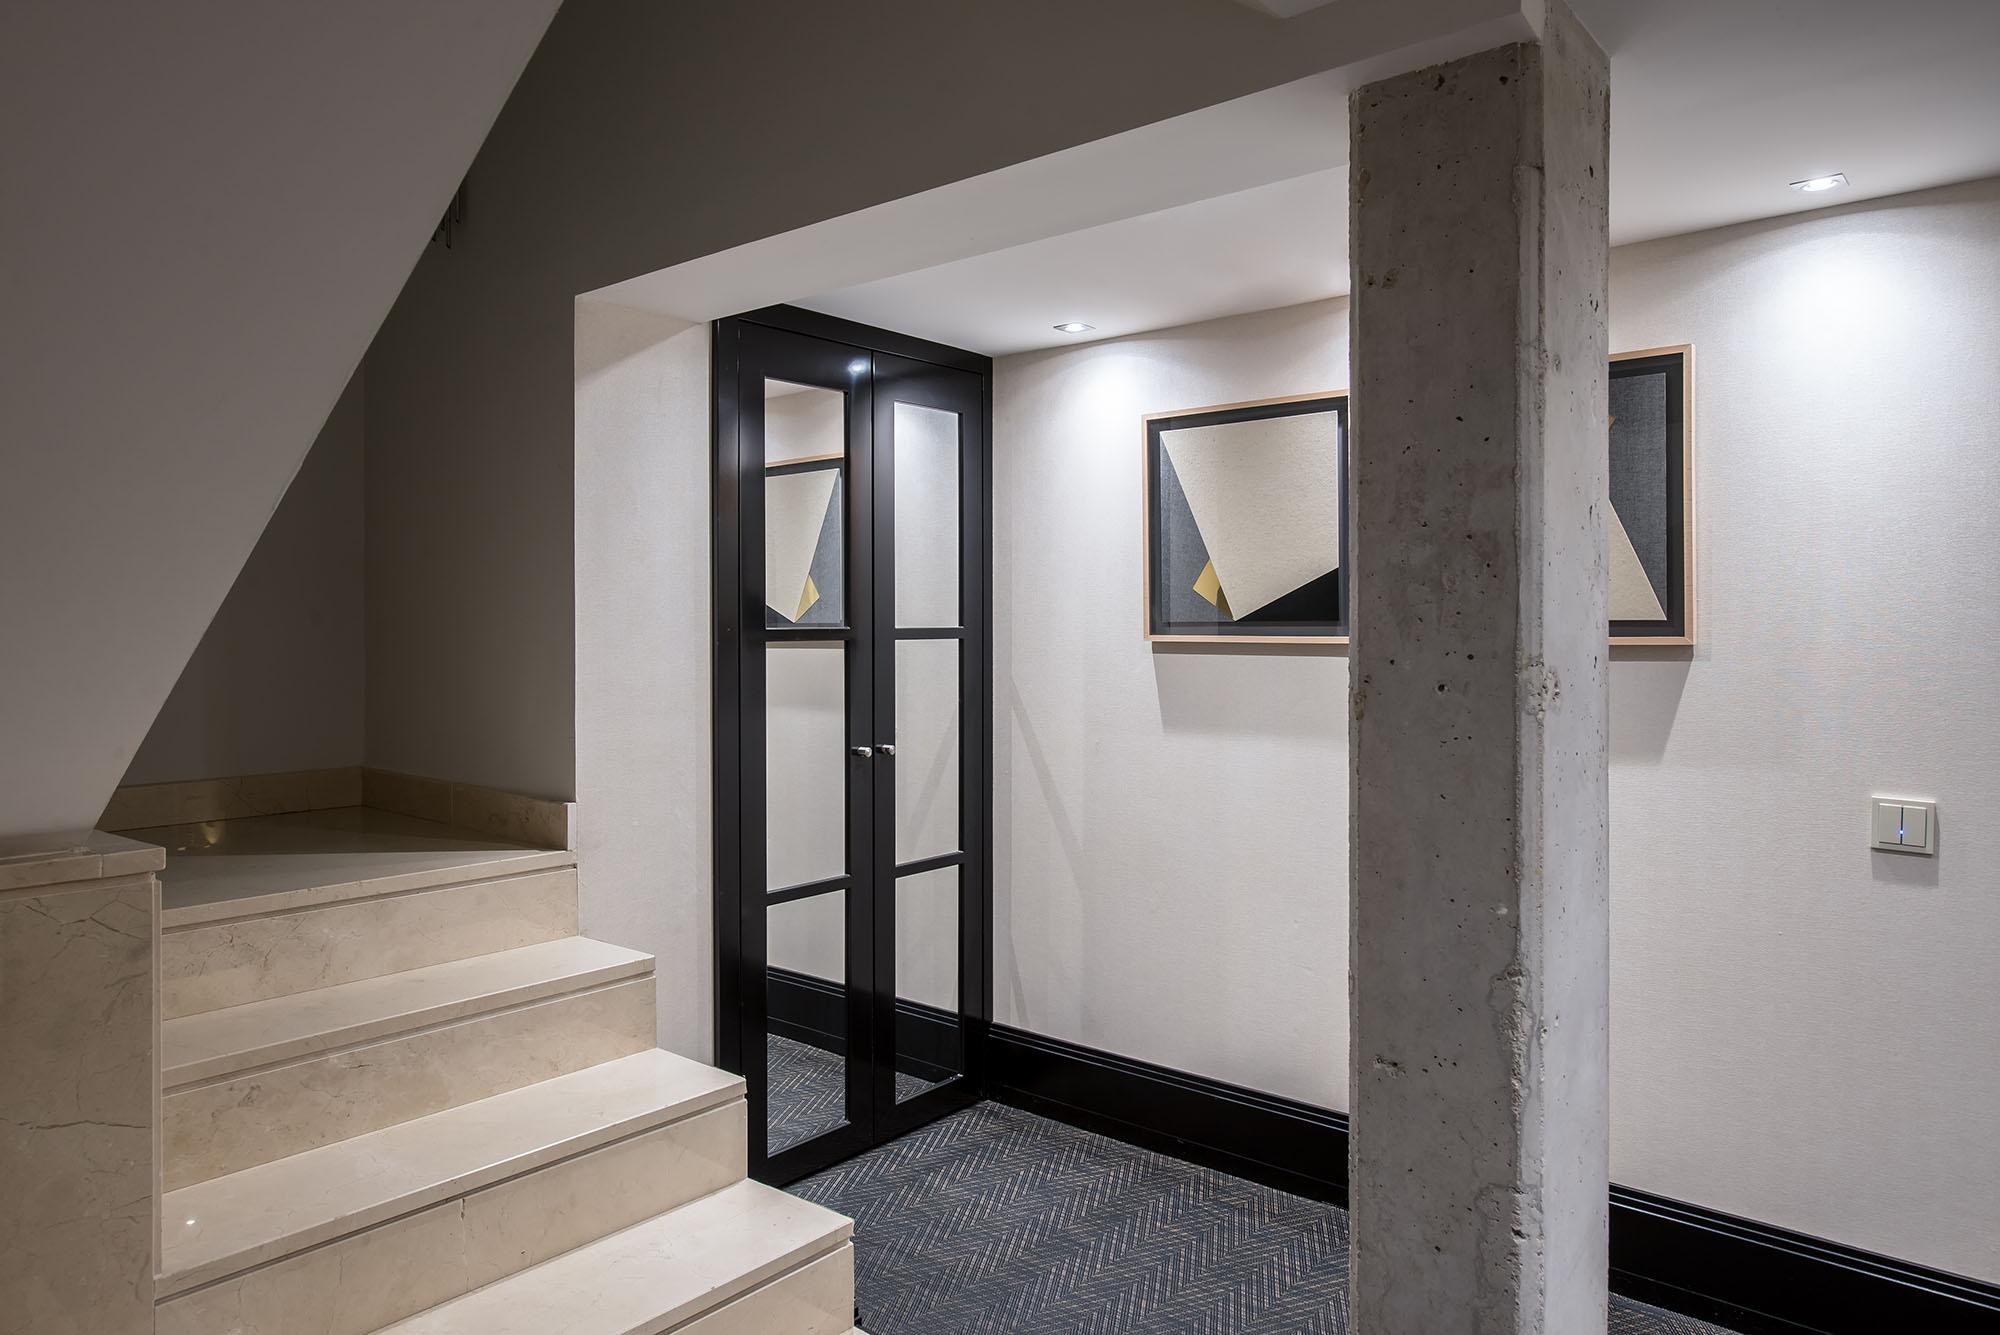 Arquitecto de interiores madrid fotografa de e la - Decoradores de interiores madrid ...